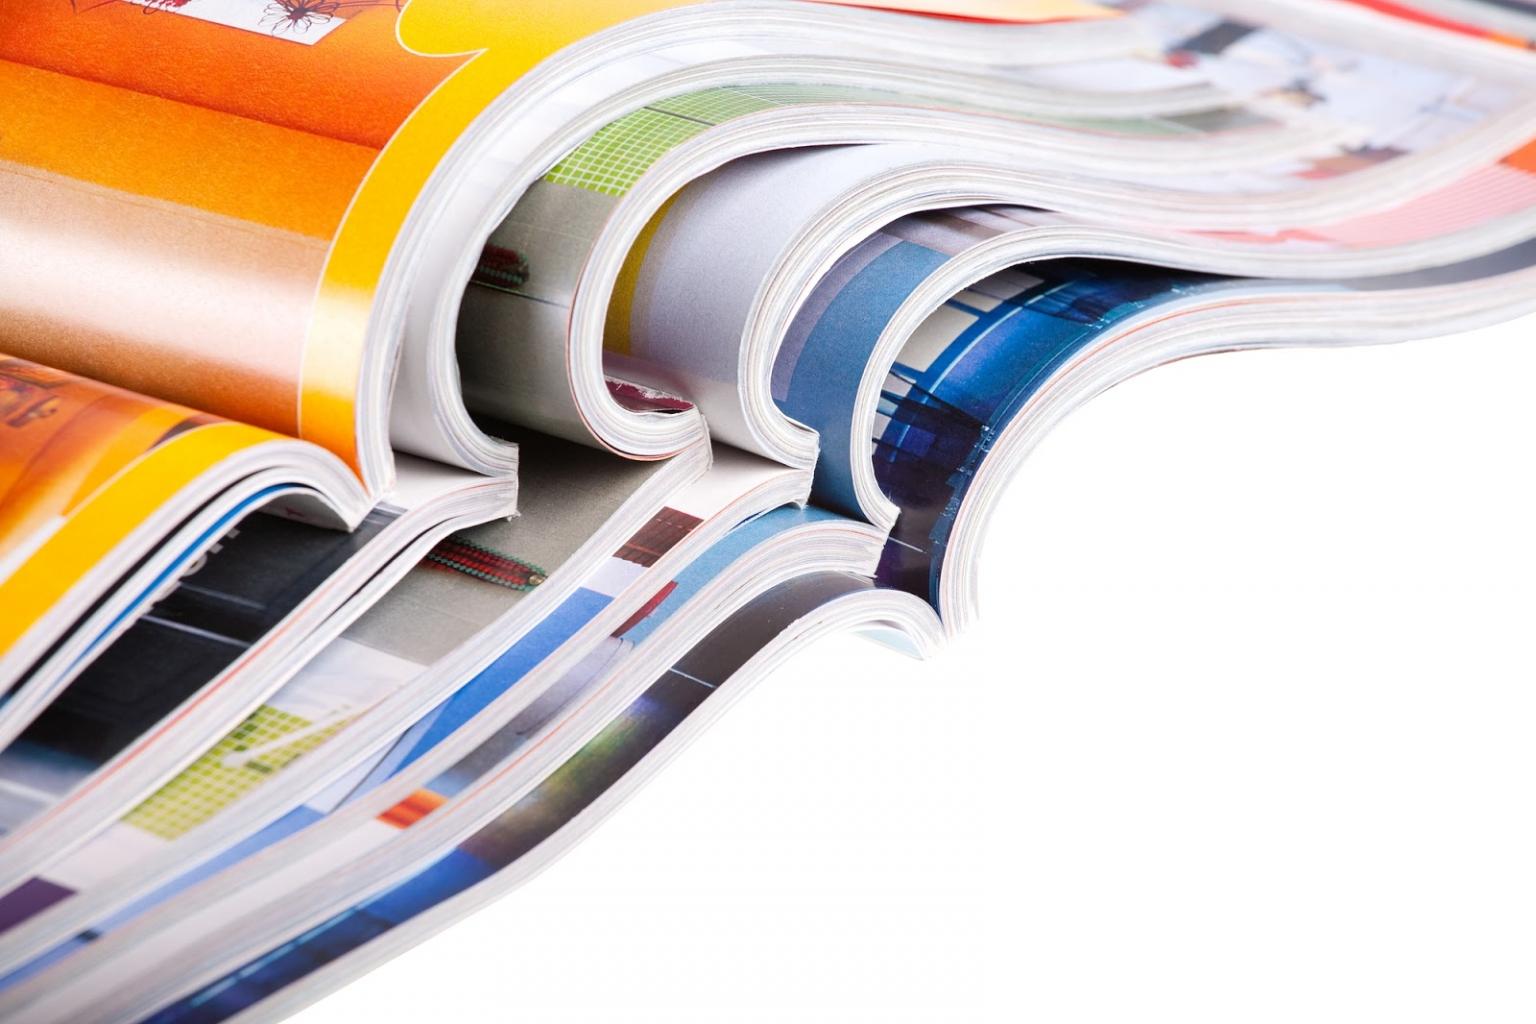 Mal eine andere Idee: seltene Magazine als Weihnachtsgeschenk.